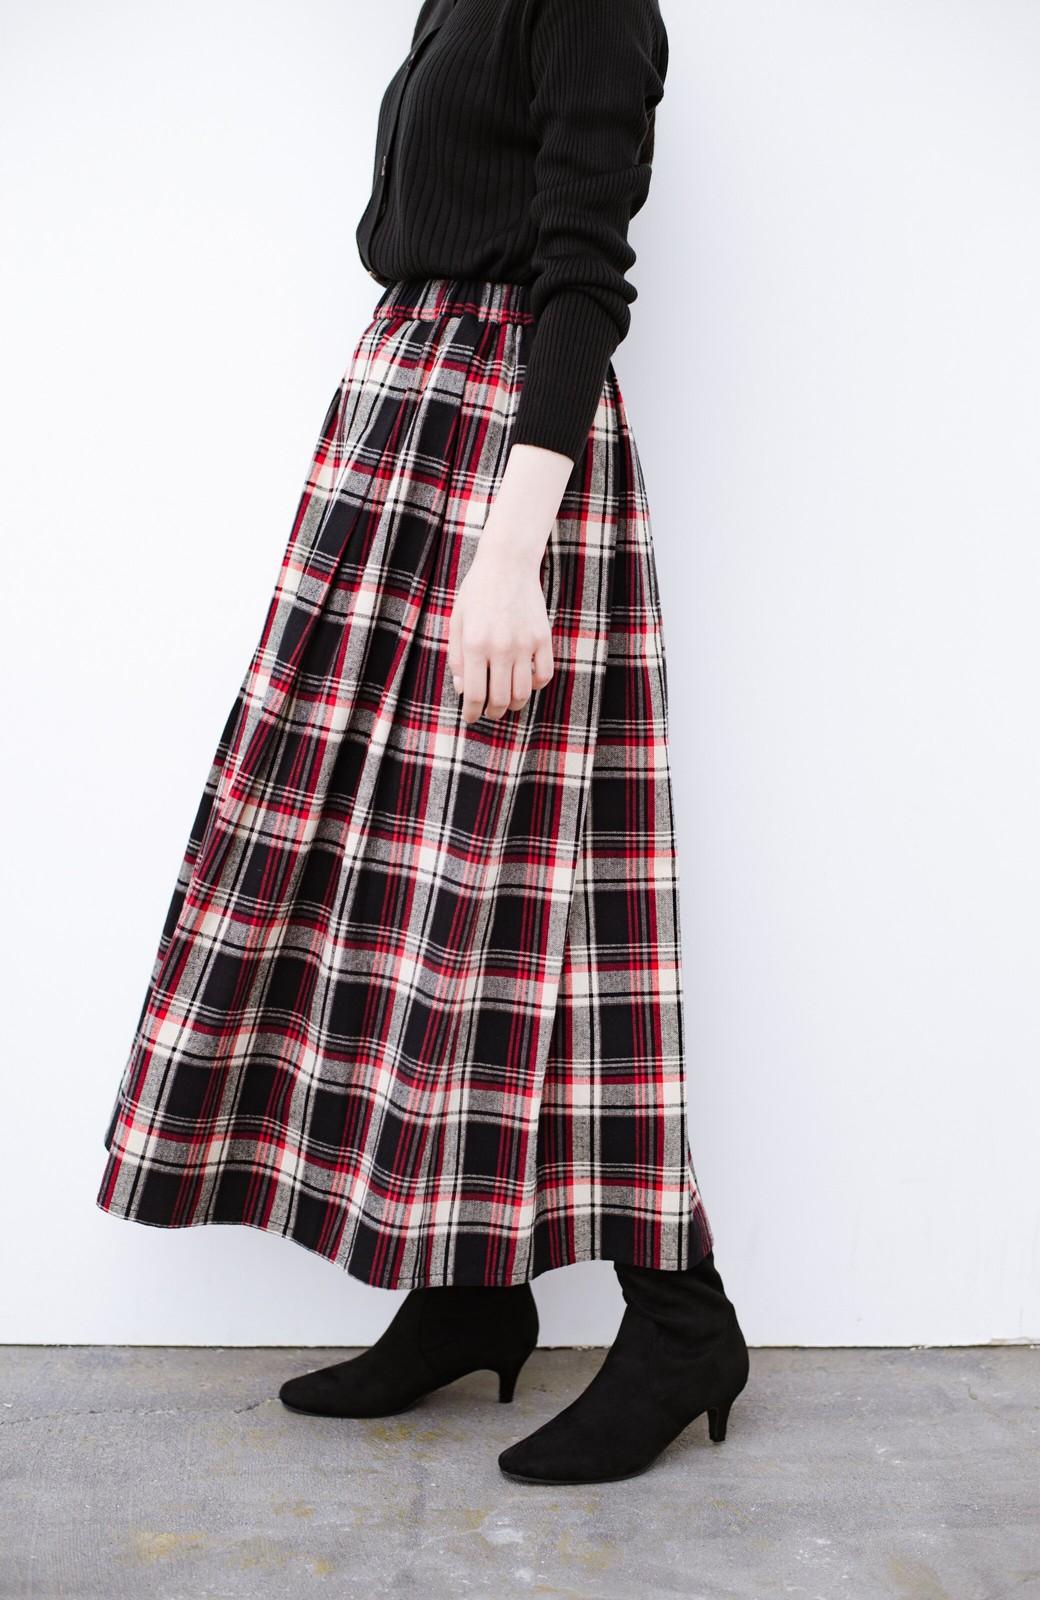 haco! デニムにもスカートにも似合う!すぽっと履けてスタイルアップが叶う女っぽフェイクスエードブーツ <ブラック>の商品写真10